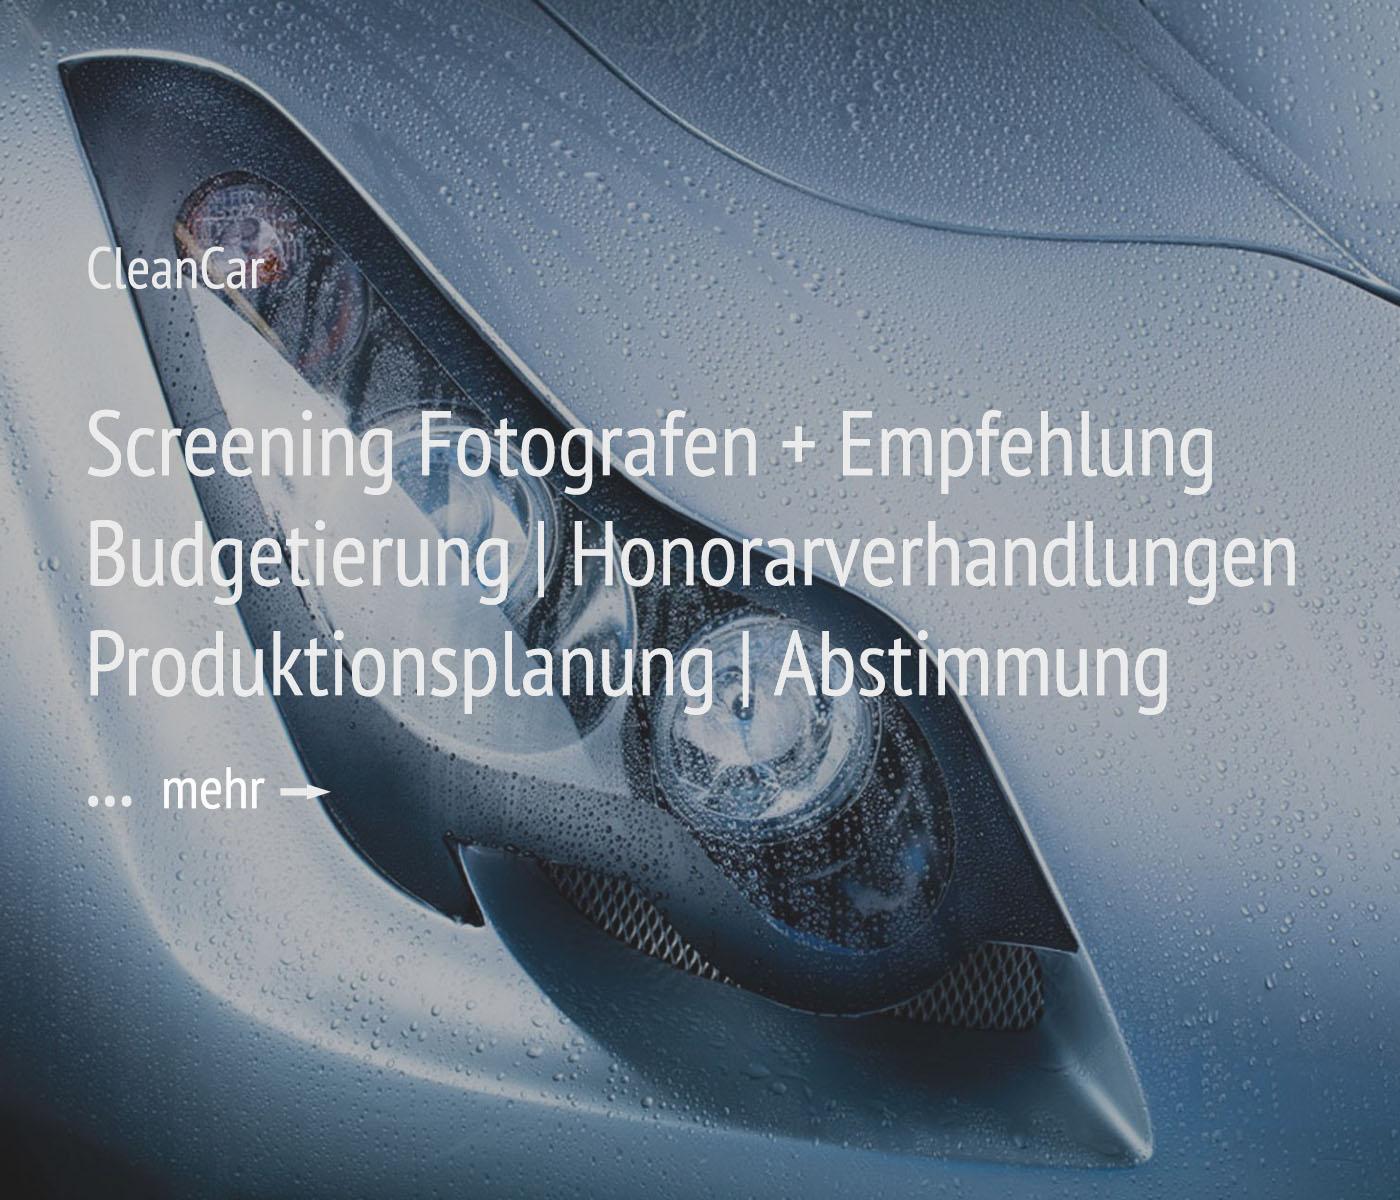 Fotografie + Management + Organisation für das Projekt CleanCar